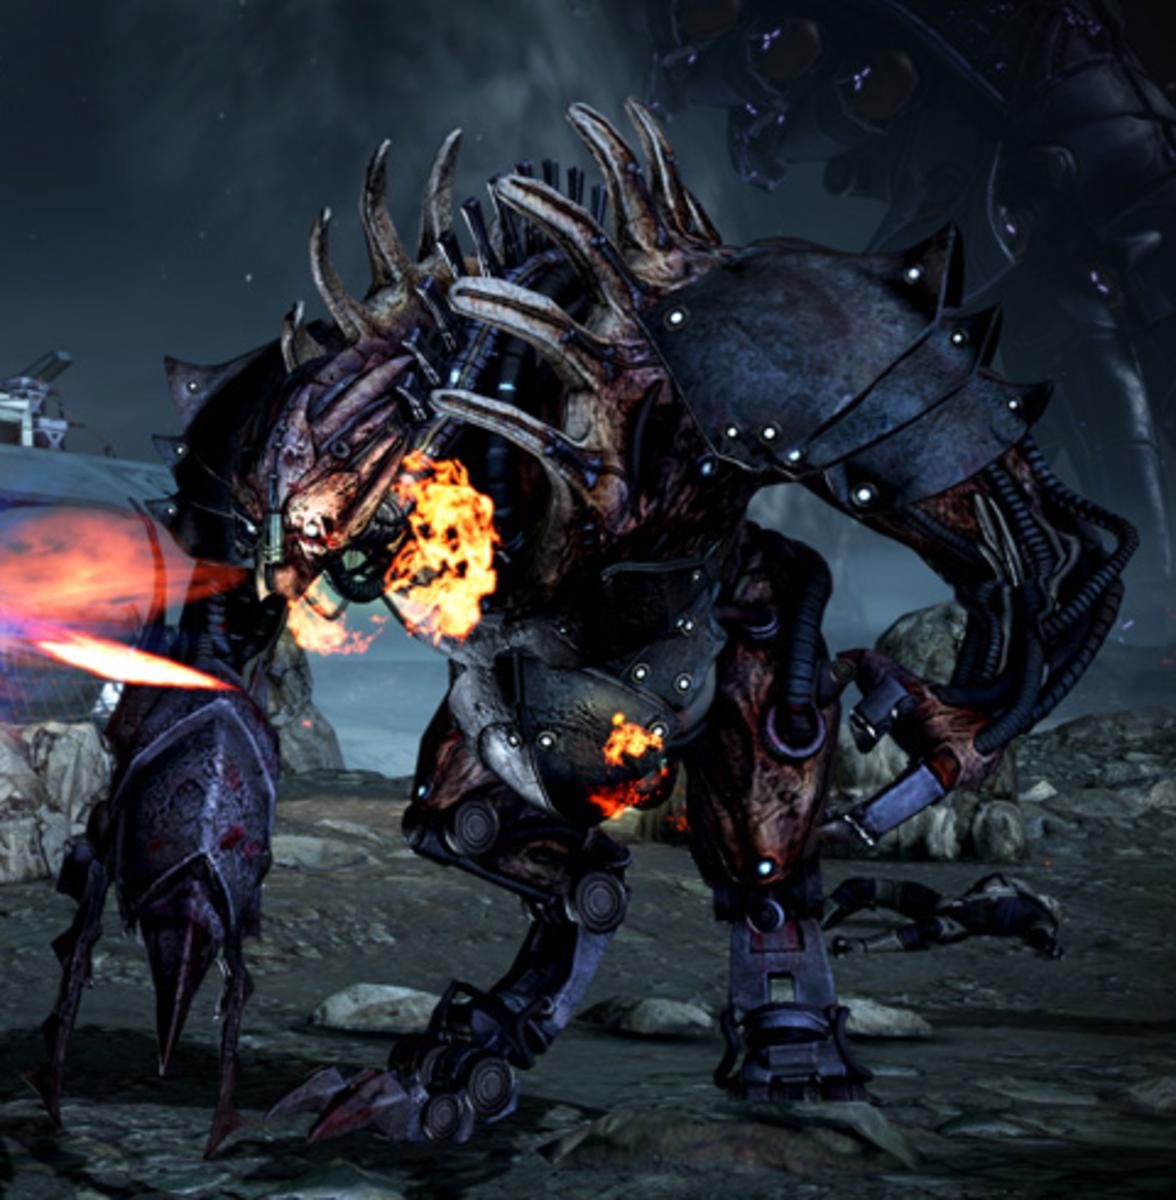 A Brute in Mass Effect 3